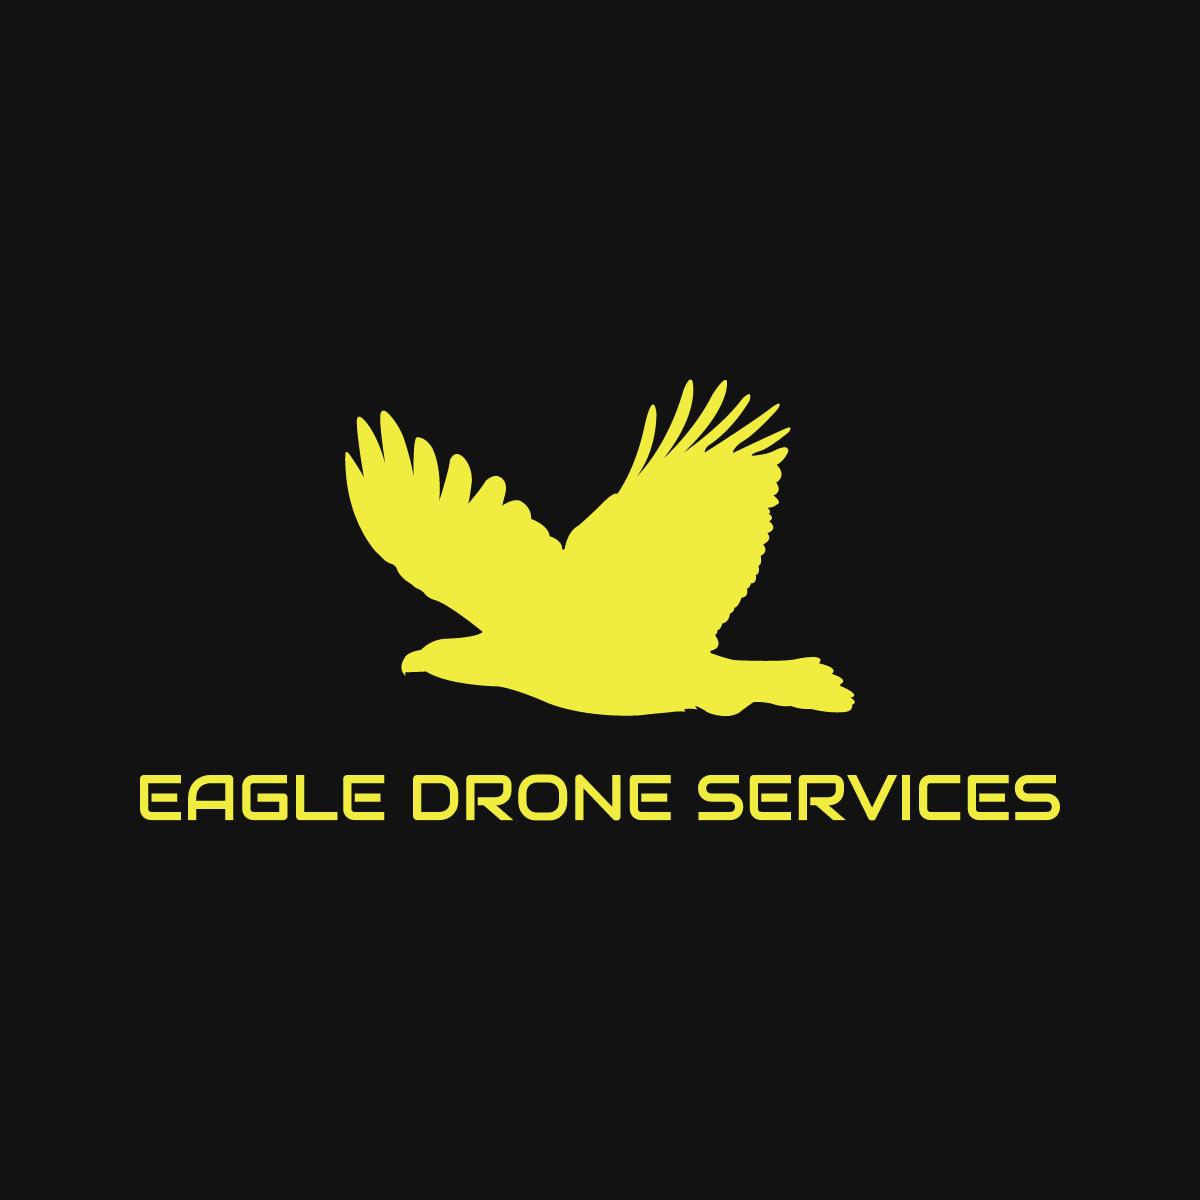 Eagle drone services